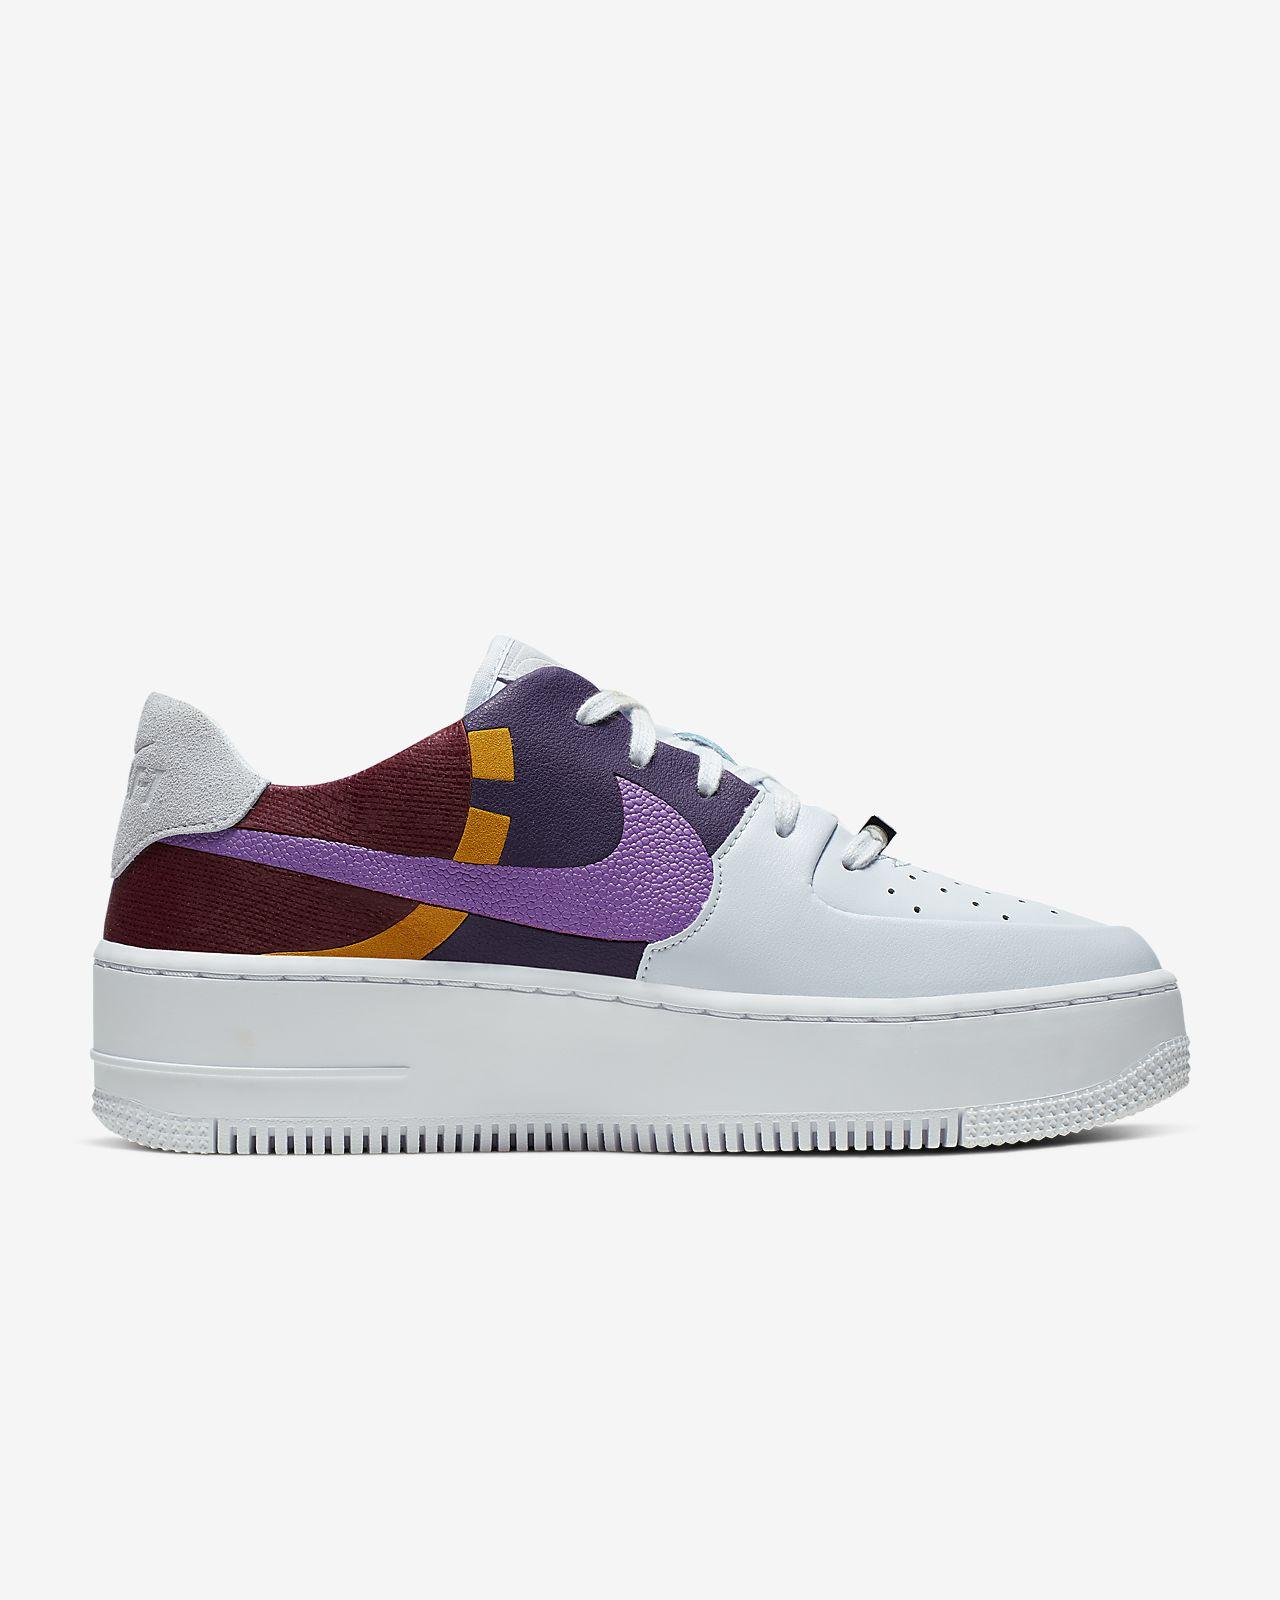 Nike AF1 Sage Low LX 女子运动鞋